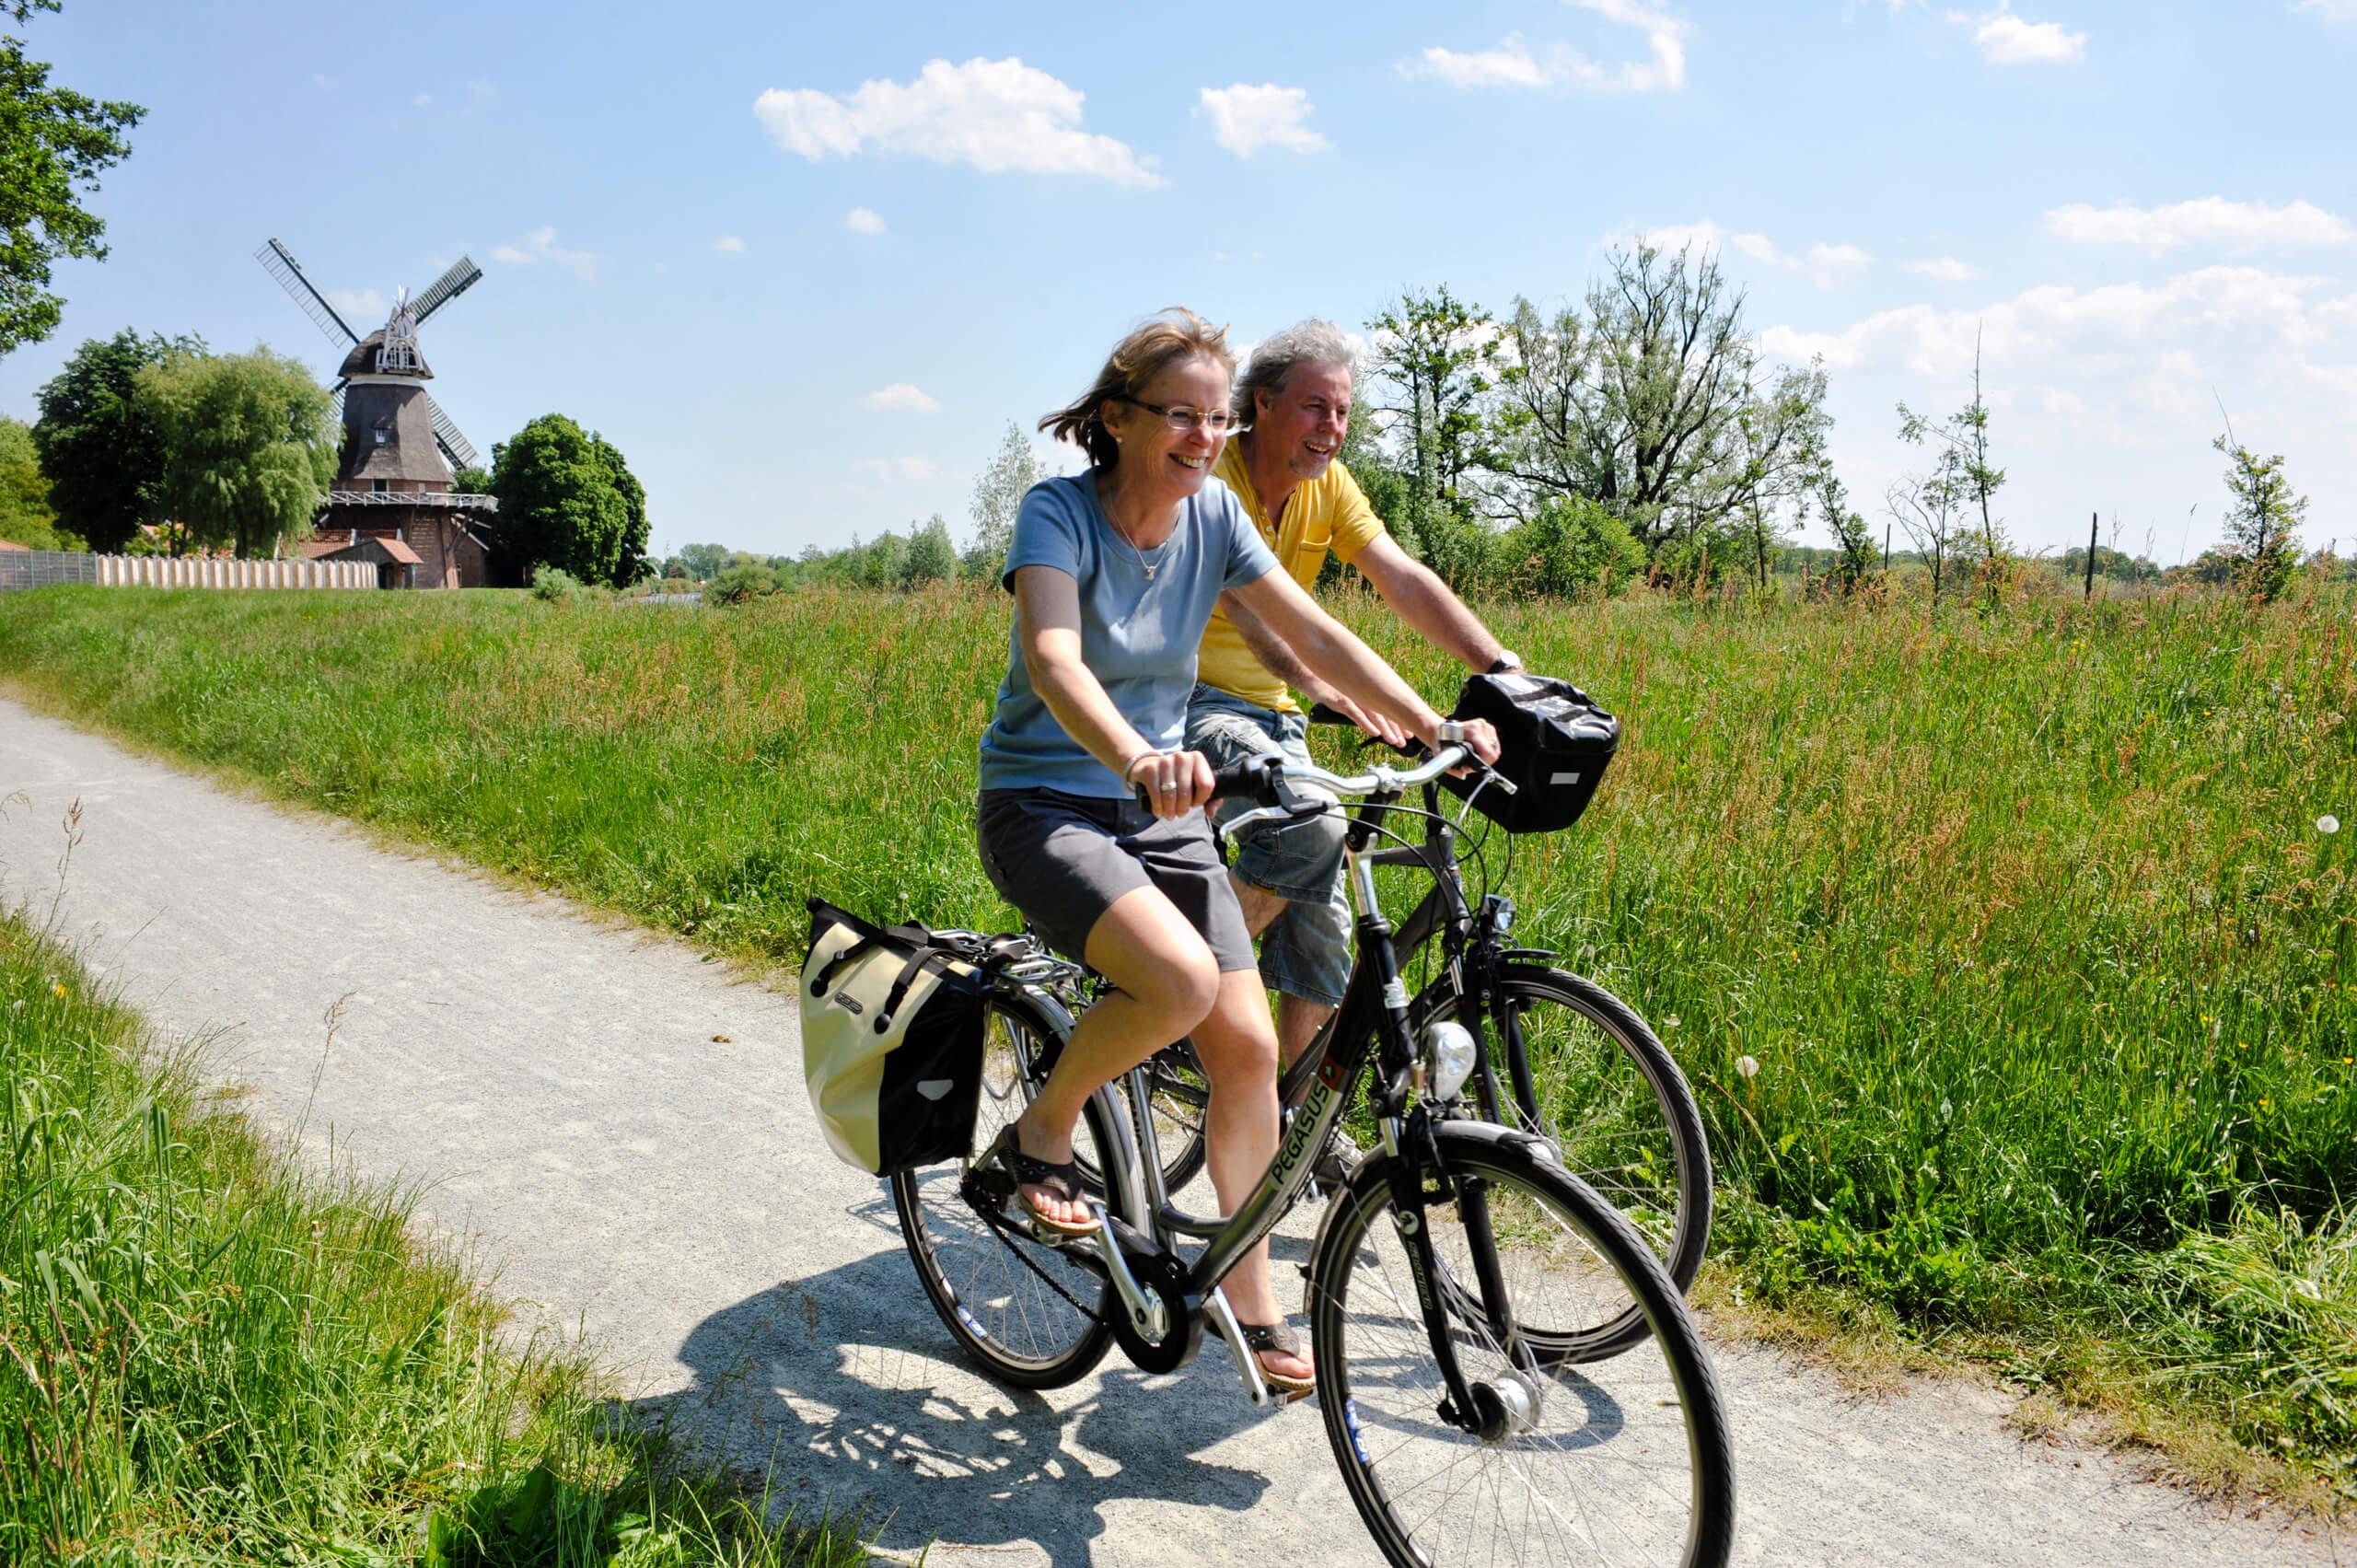 Geführte Erlebnisradtouren - Radtour auf Müller Art